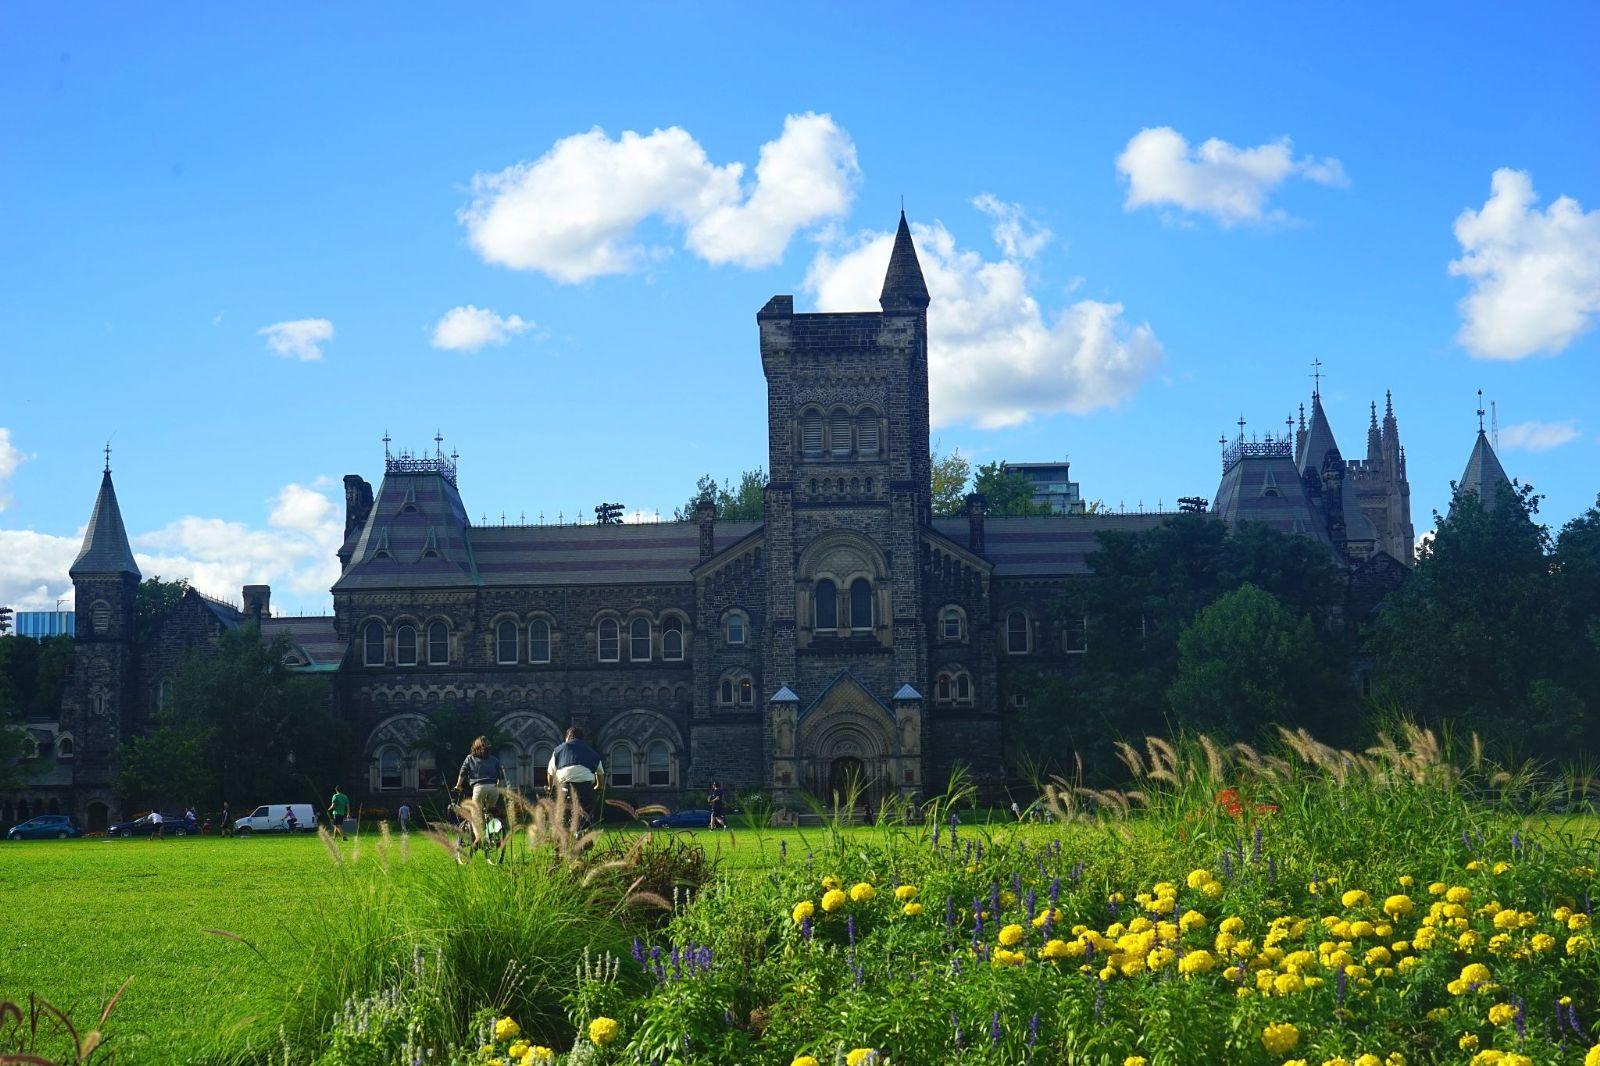 多伦多大学优质专业推荐,申请多大,多伦多大学专业,多大计算机专业,加拿大留学,加拿大教育中心